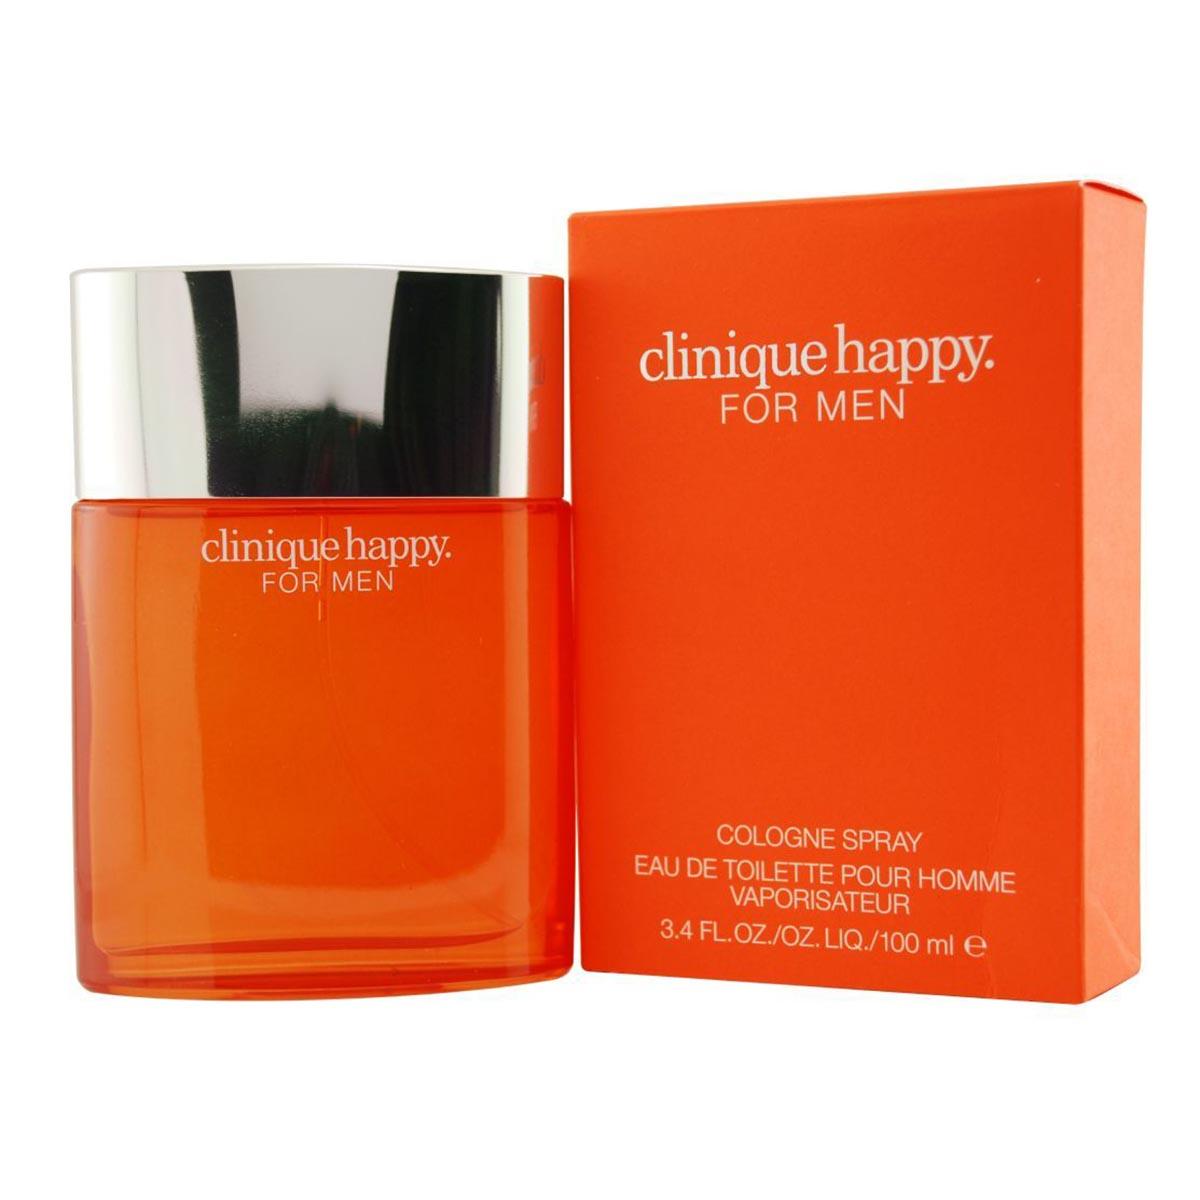 Clinique happy woman eau de parfum 100ml vaporizador